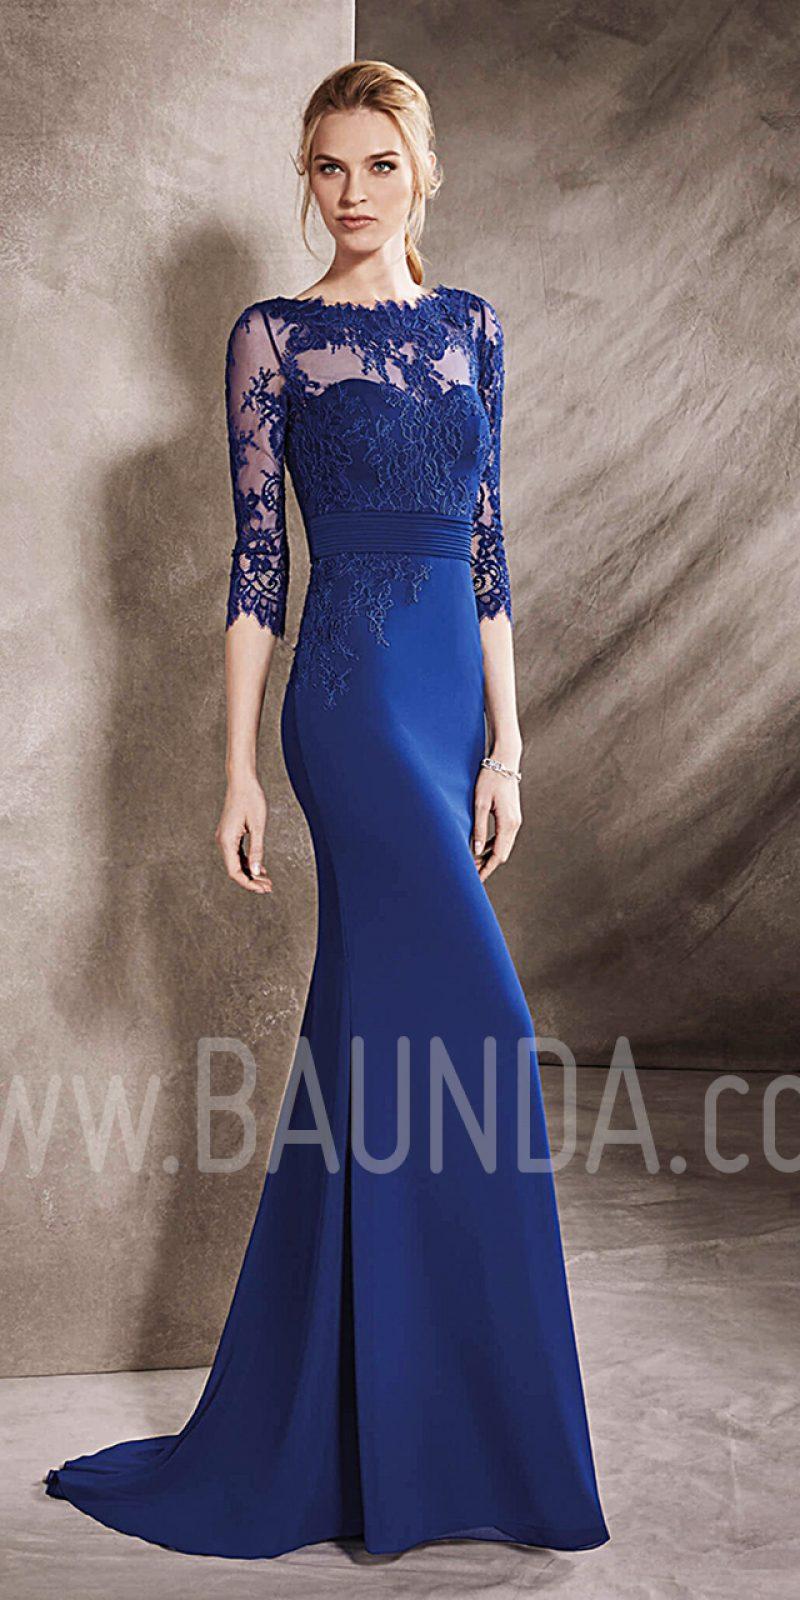 Vestidos largos de fiesta azul noche